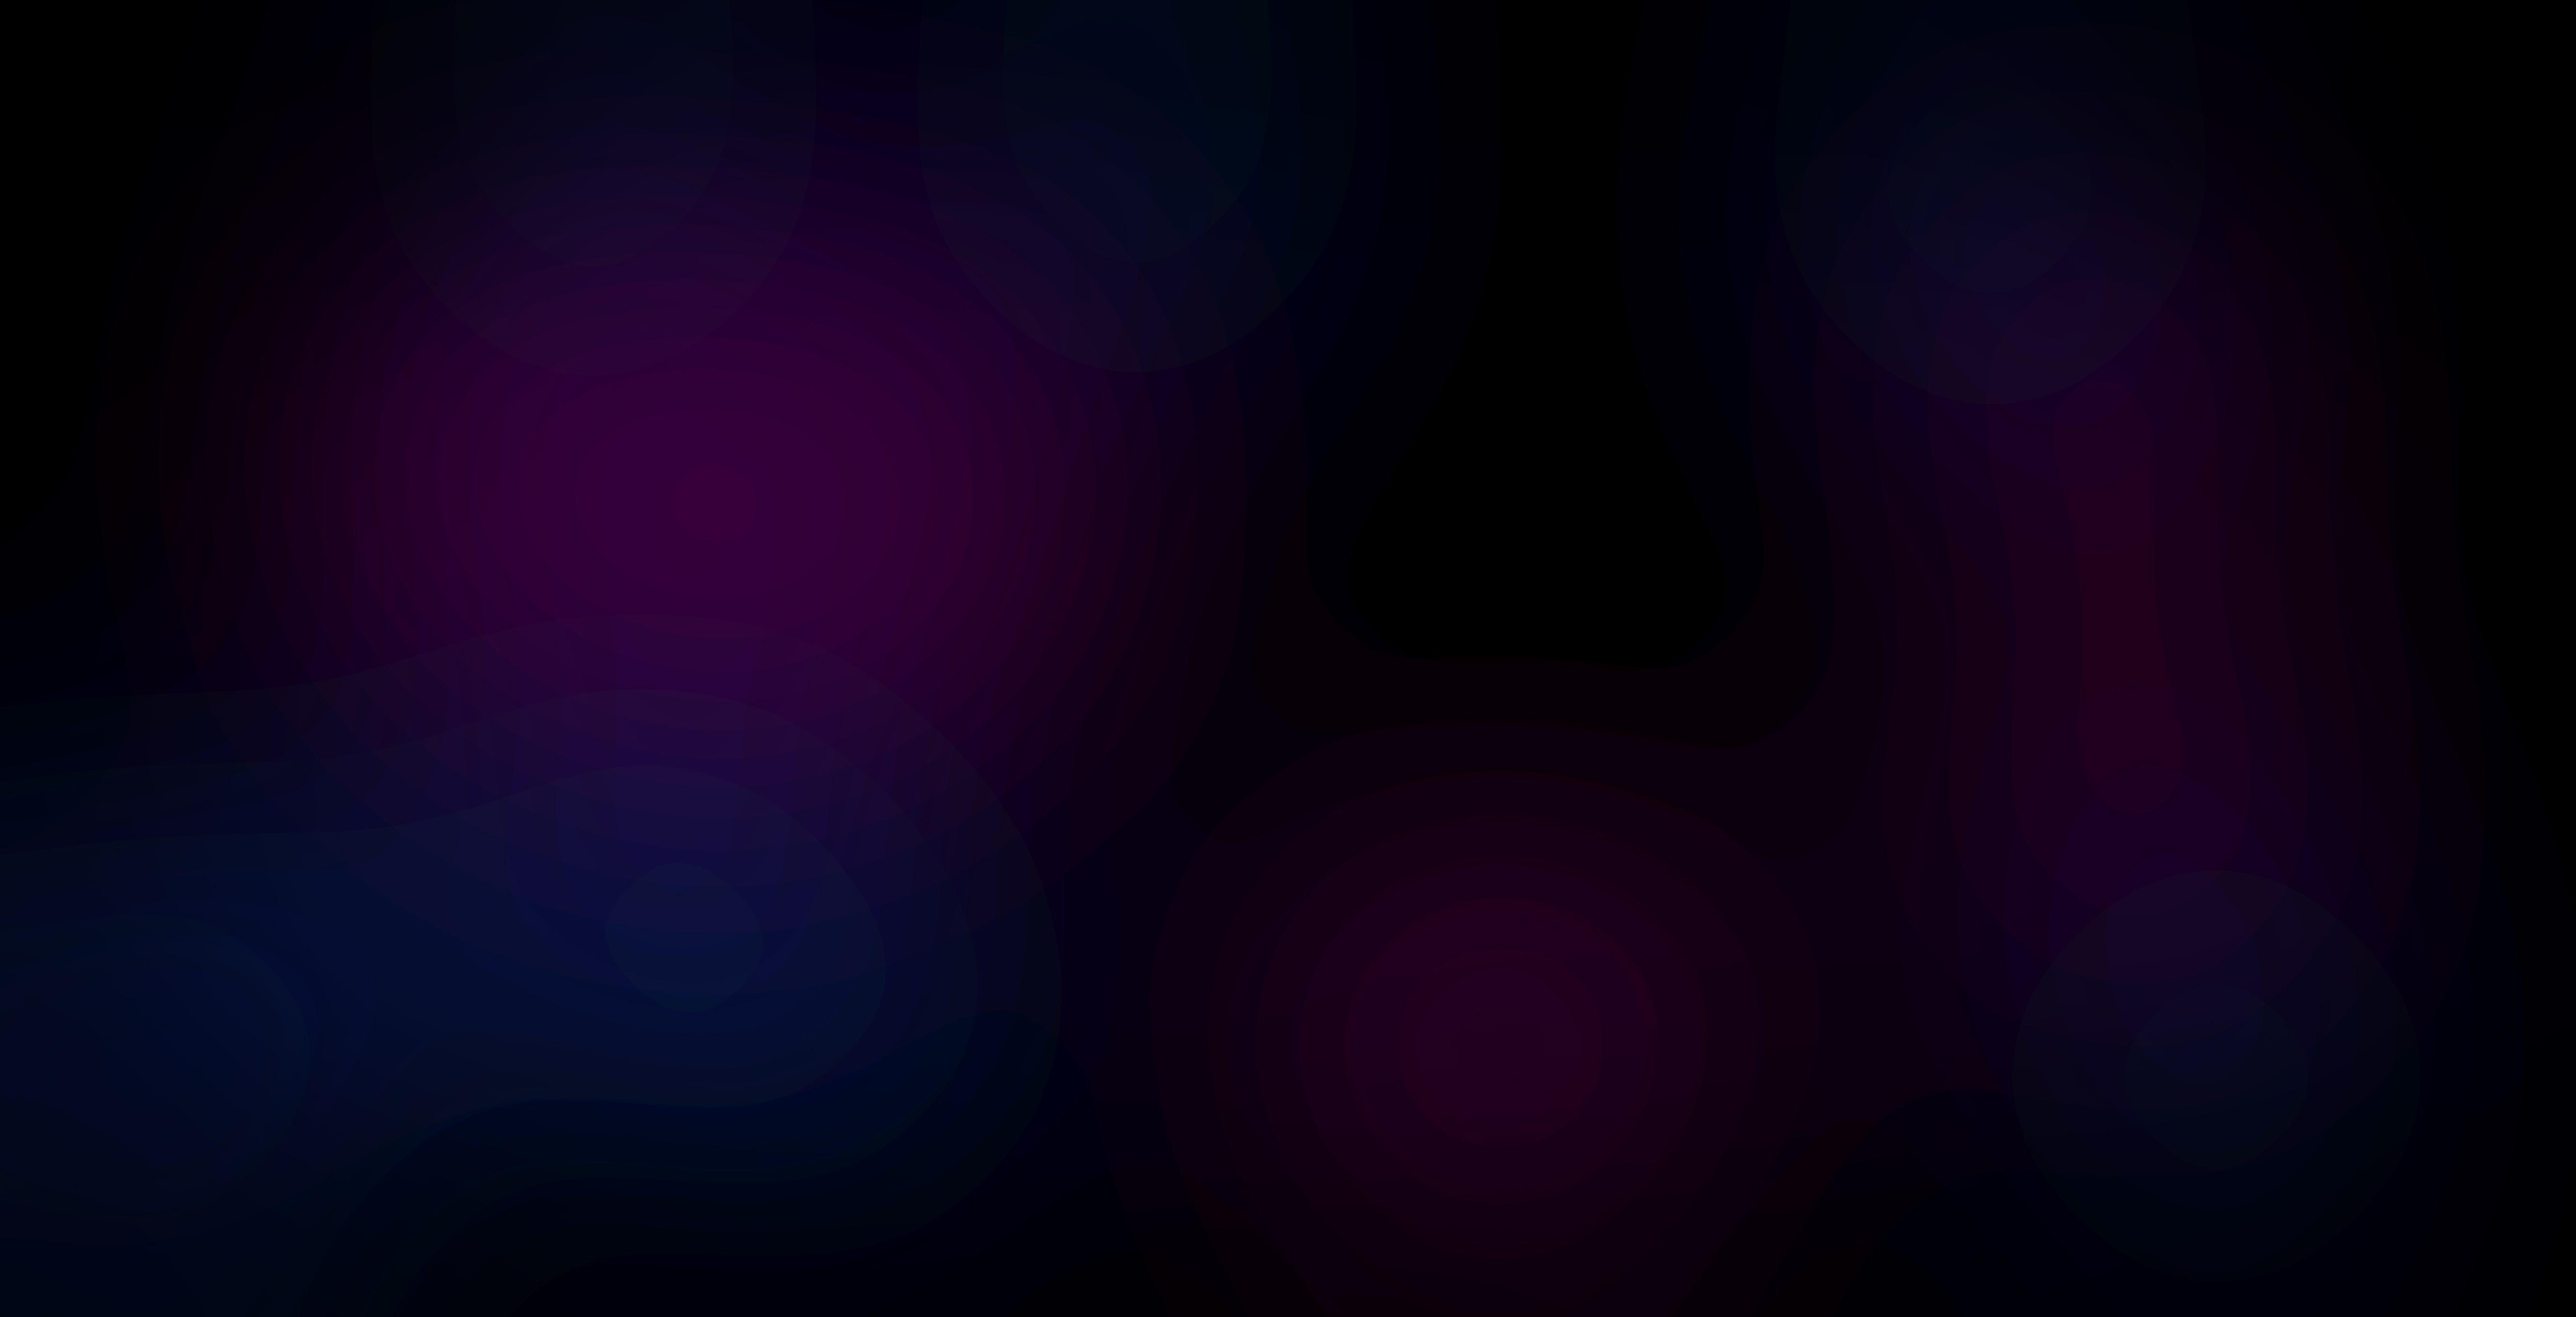 le fond de couleur mauve halo mauve r u00eave couleur halo